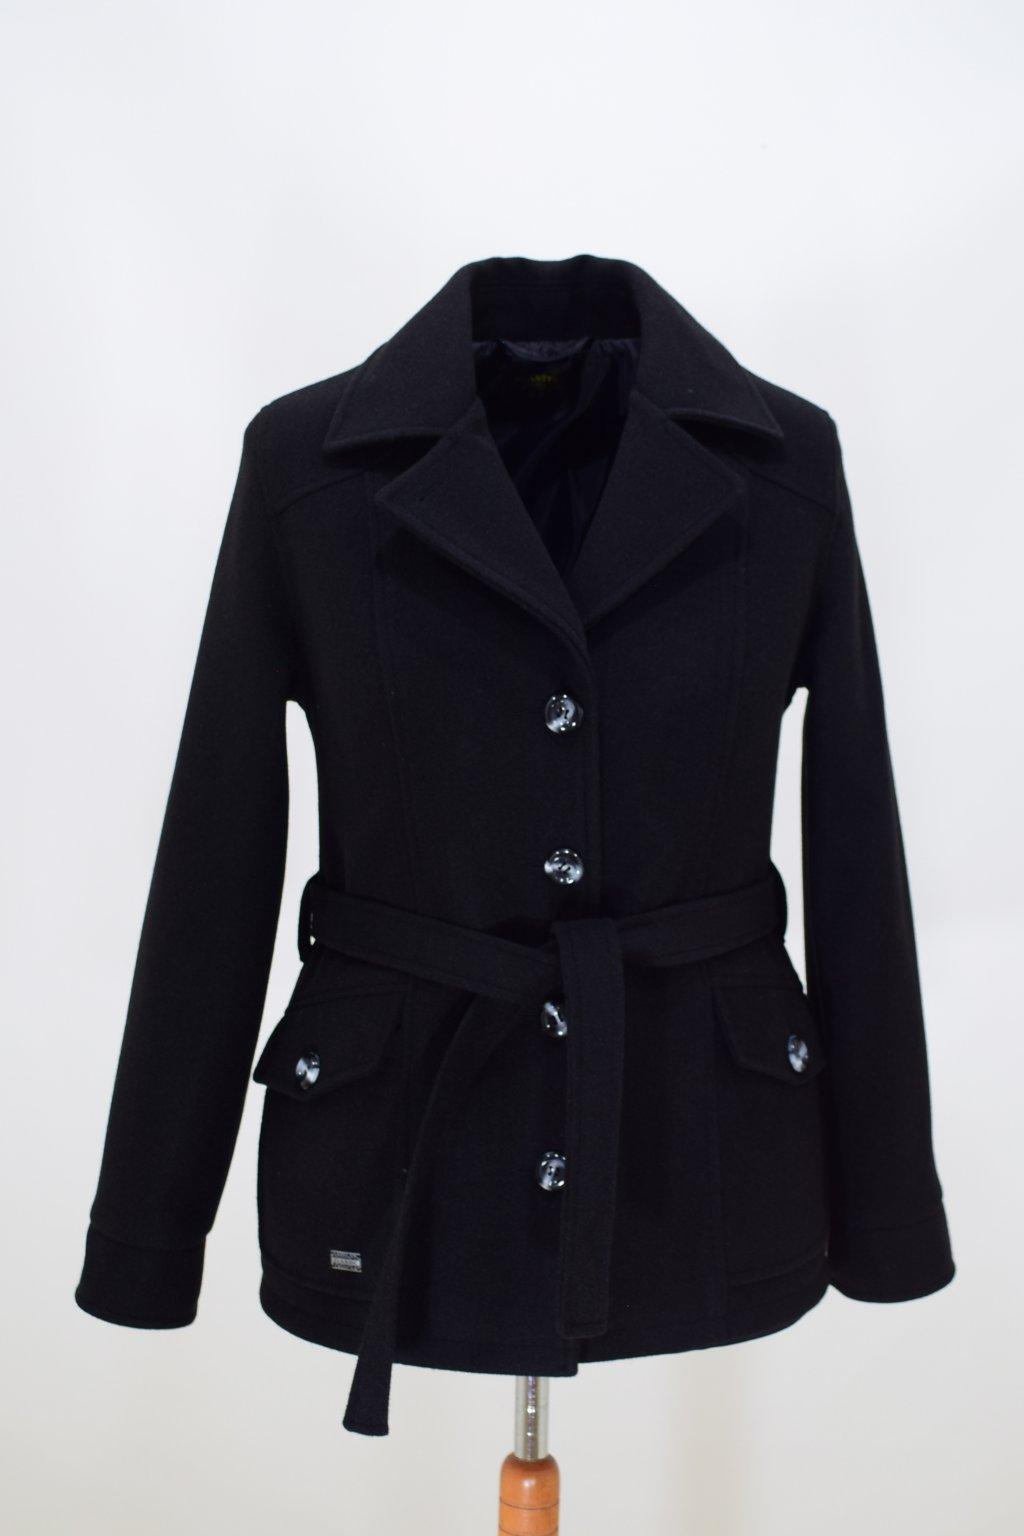 Dámský černý přechodový kabátek Erika nadměrné velikosti.